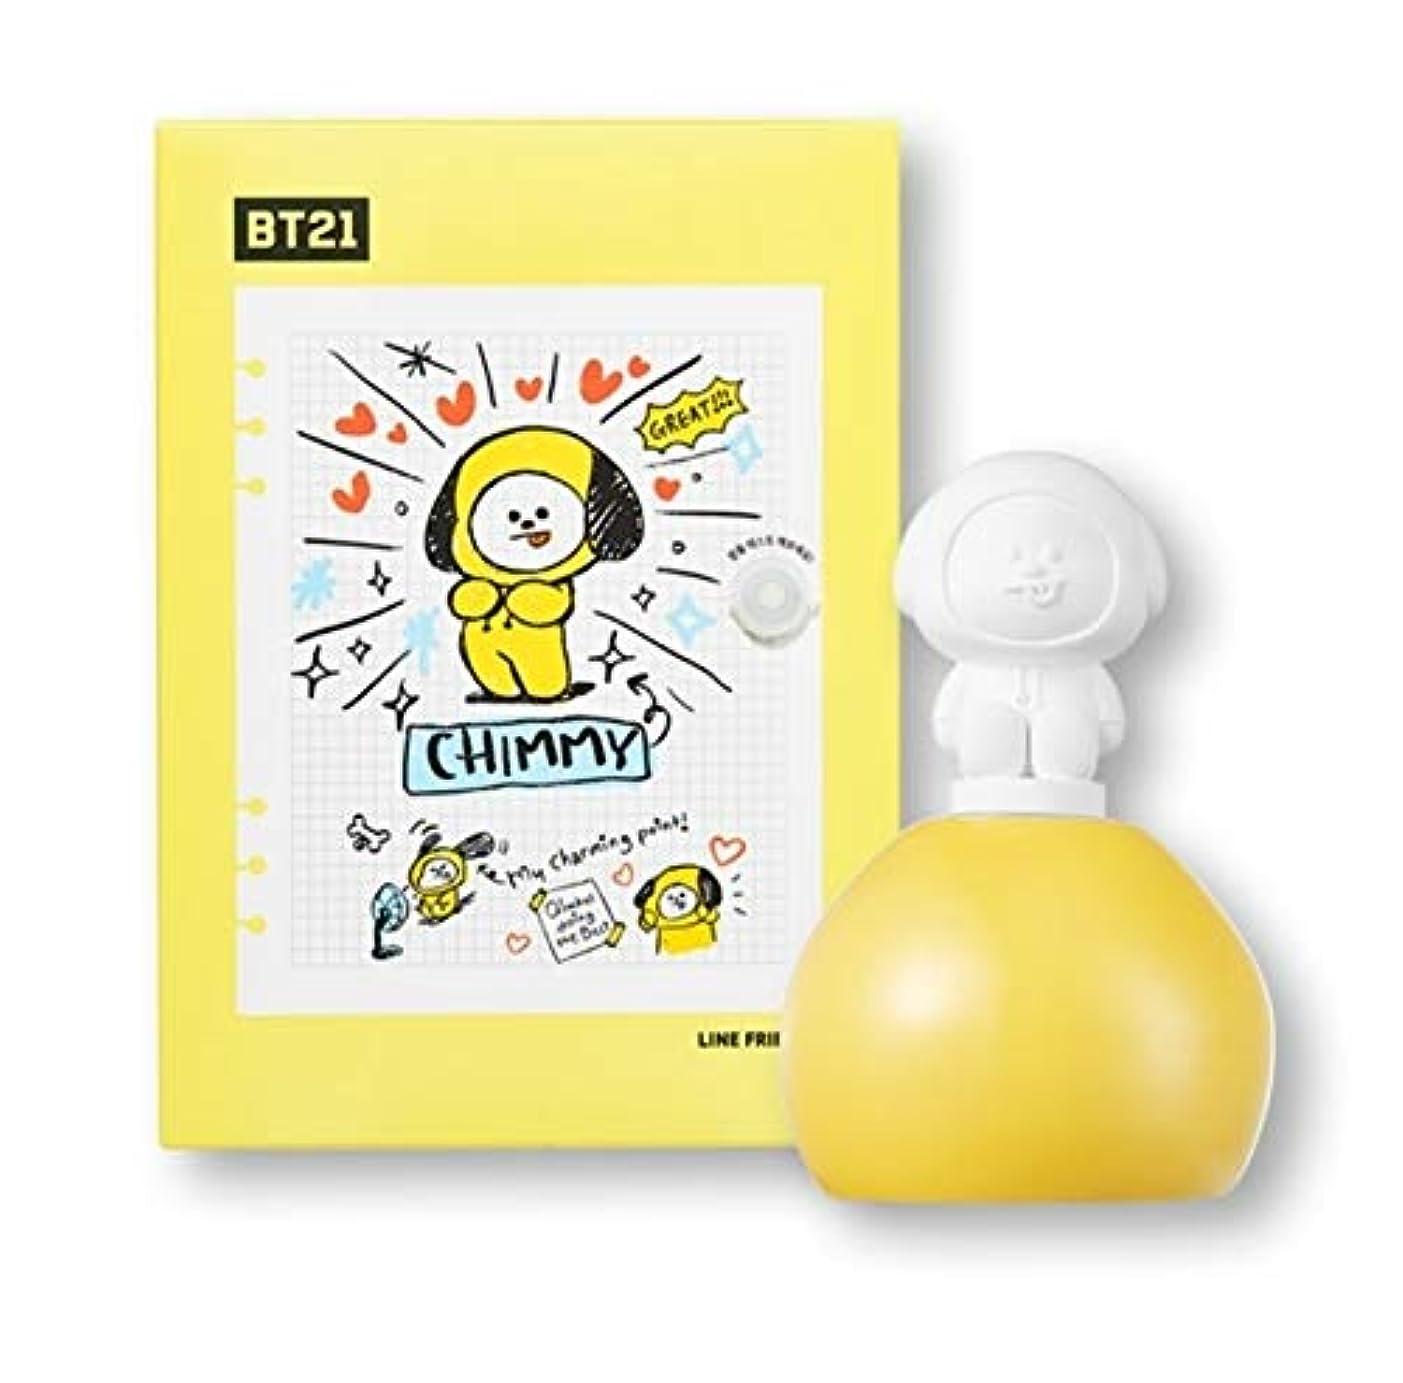 バンド成熟したインキュバスBT21 CHIMMY アロマディフューザー 柚子レモンの香り 芳香剤 防弾少年団 BTS チミー オリーブヤング